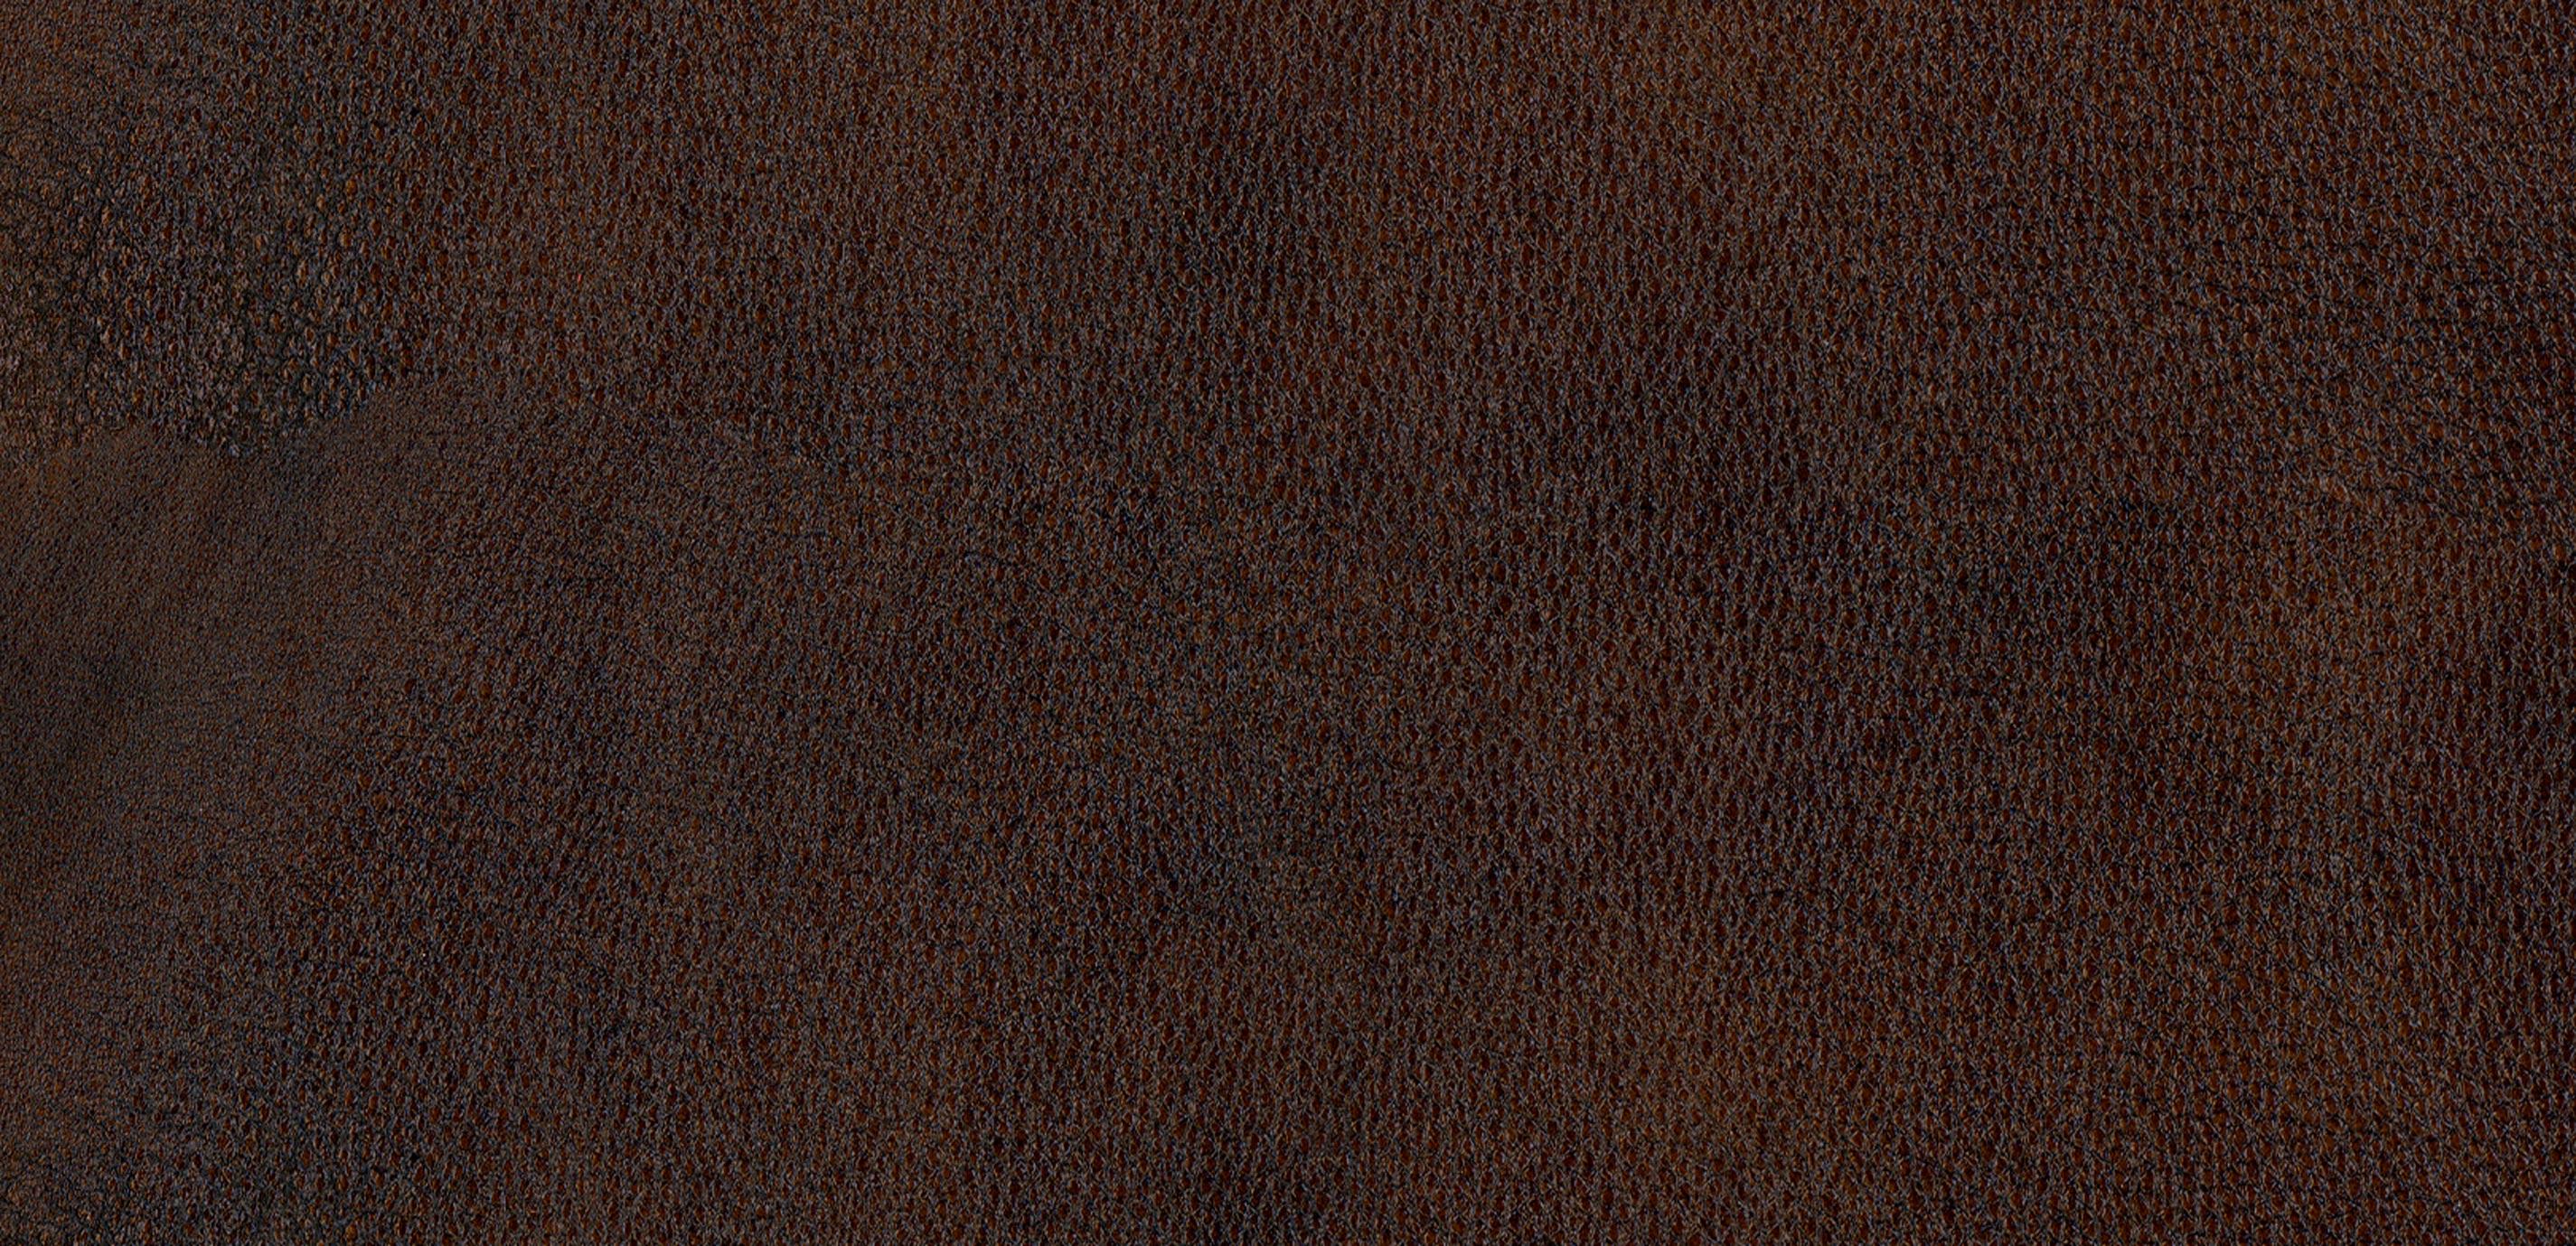 omni brown swatch ethan allen ethan allen